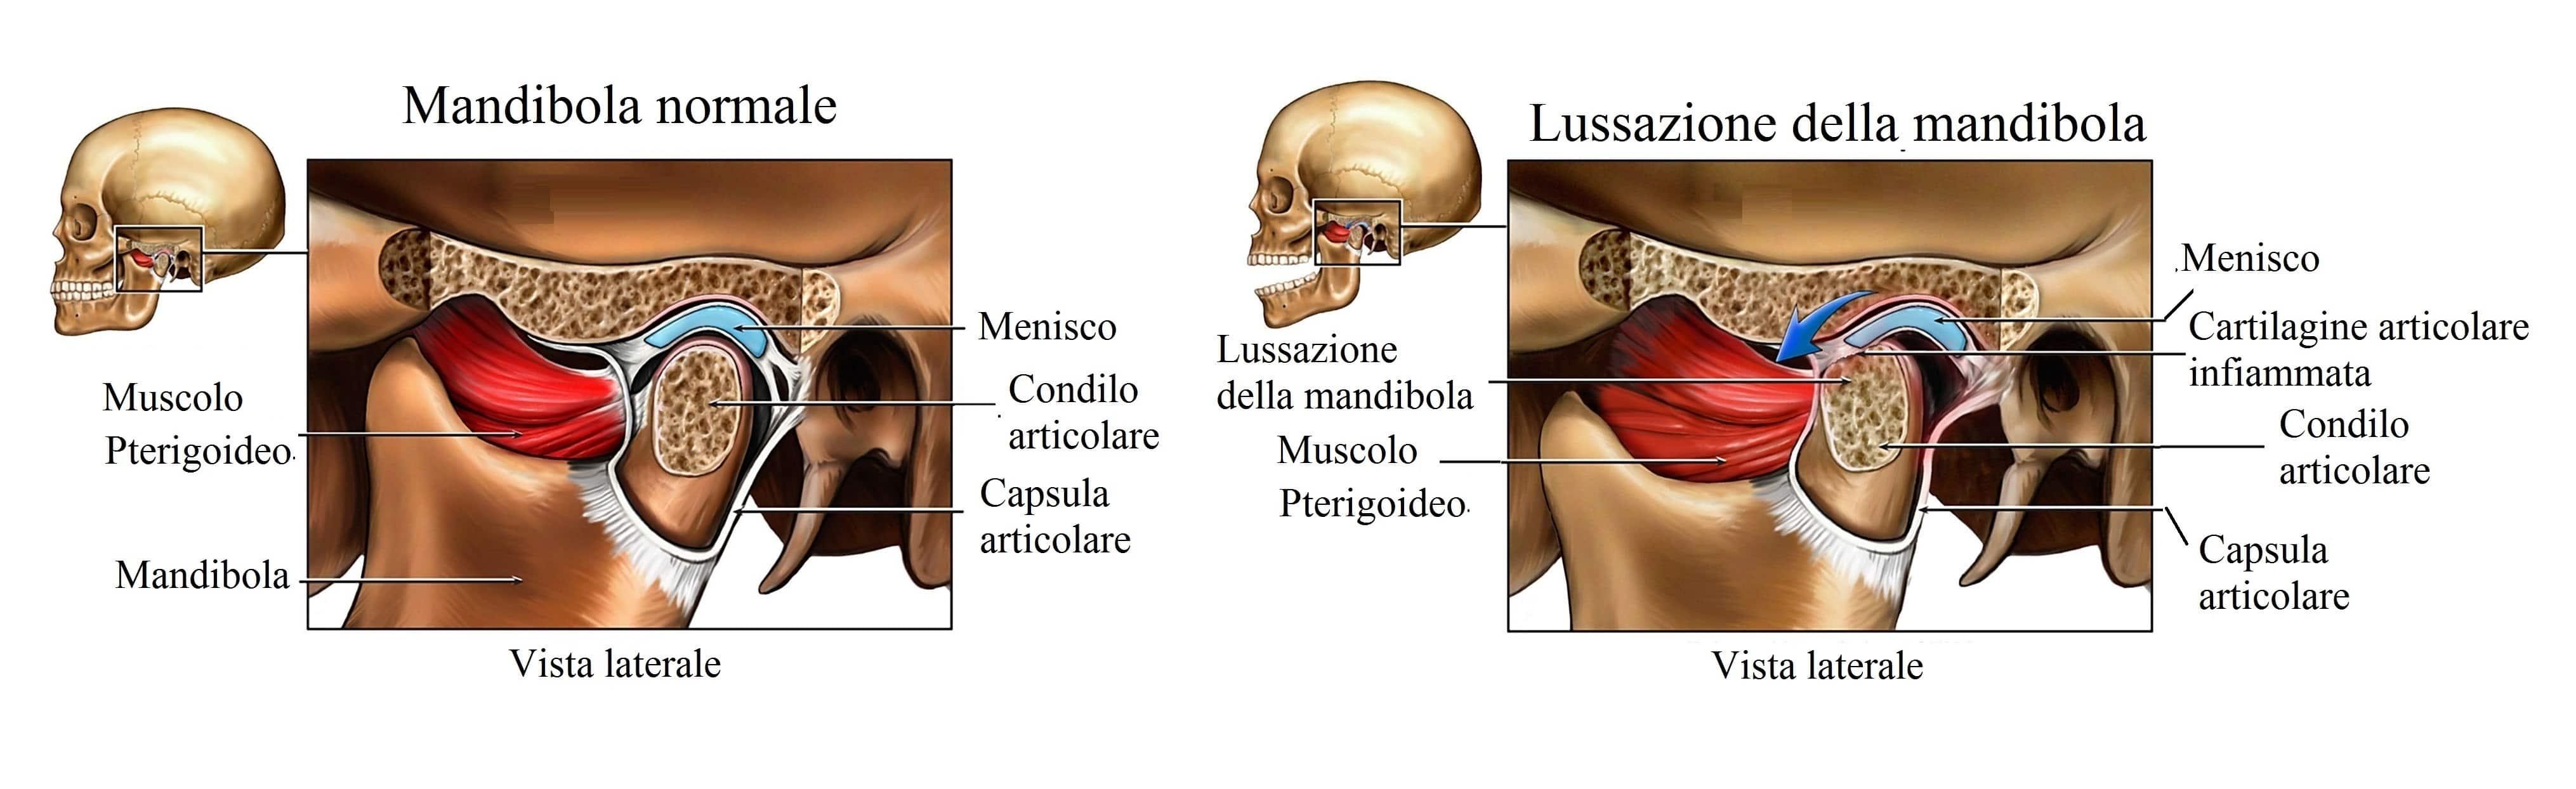 Lussazione della mandibola,malocclusione,dolore